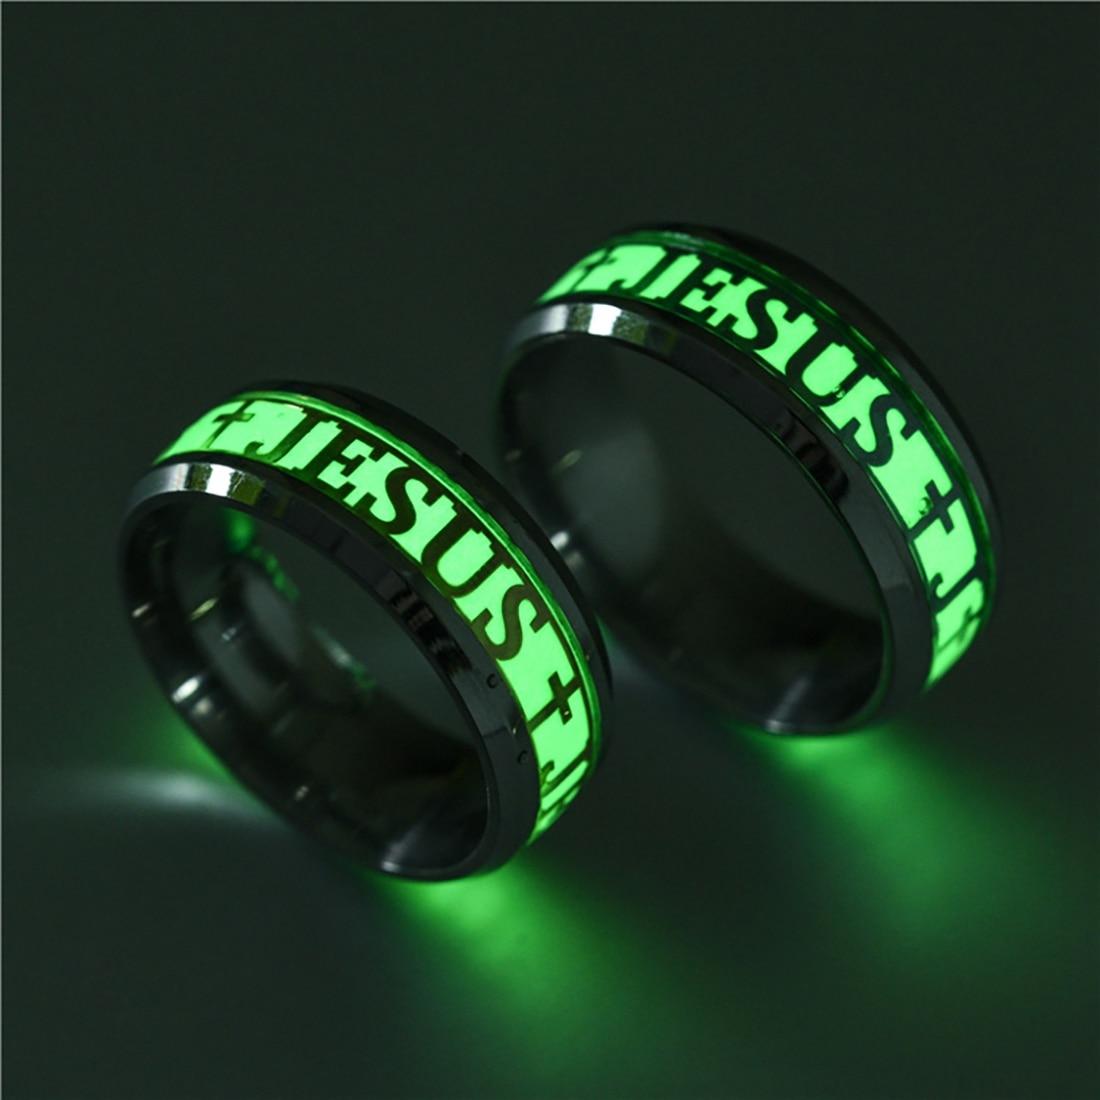 ישו טבעת צלב נירוסטה טבעת זוהר זוהר בחושך טבעת אירוסין תכשיטים לנשים וגברים